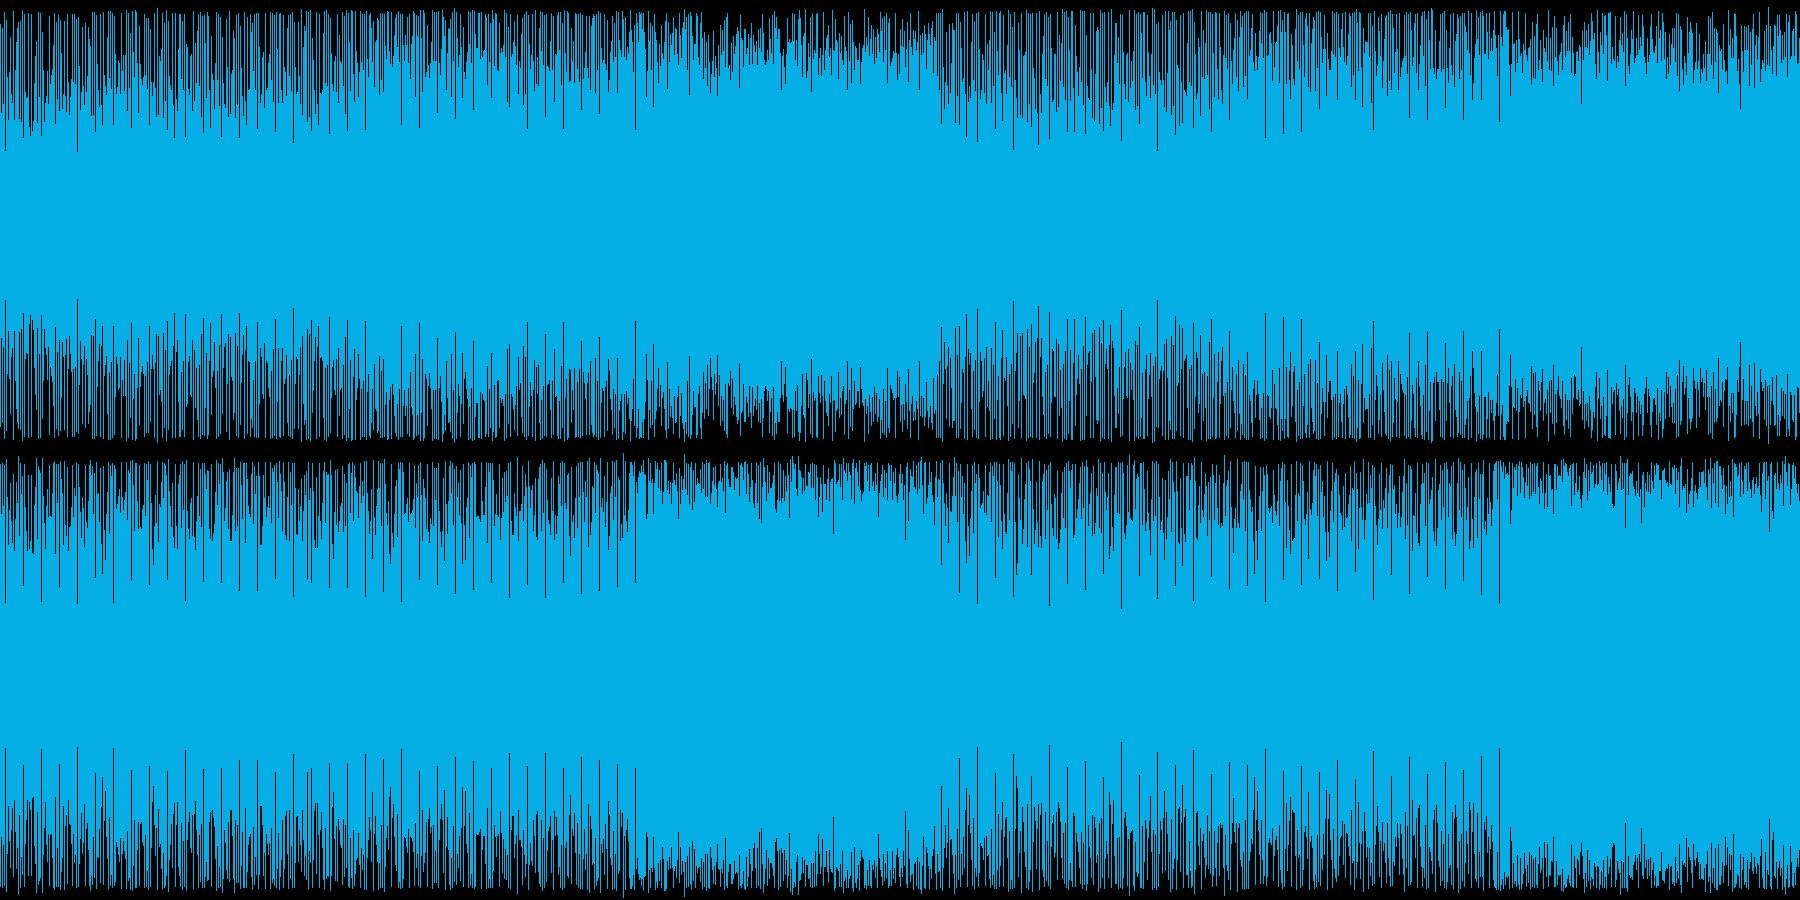 メロディ控えめの軽快なソフトロックの再生済みの波形